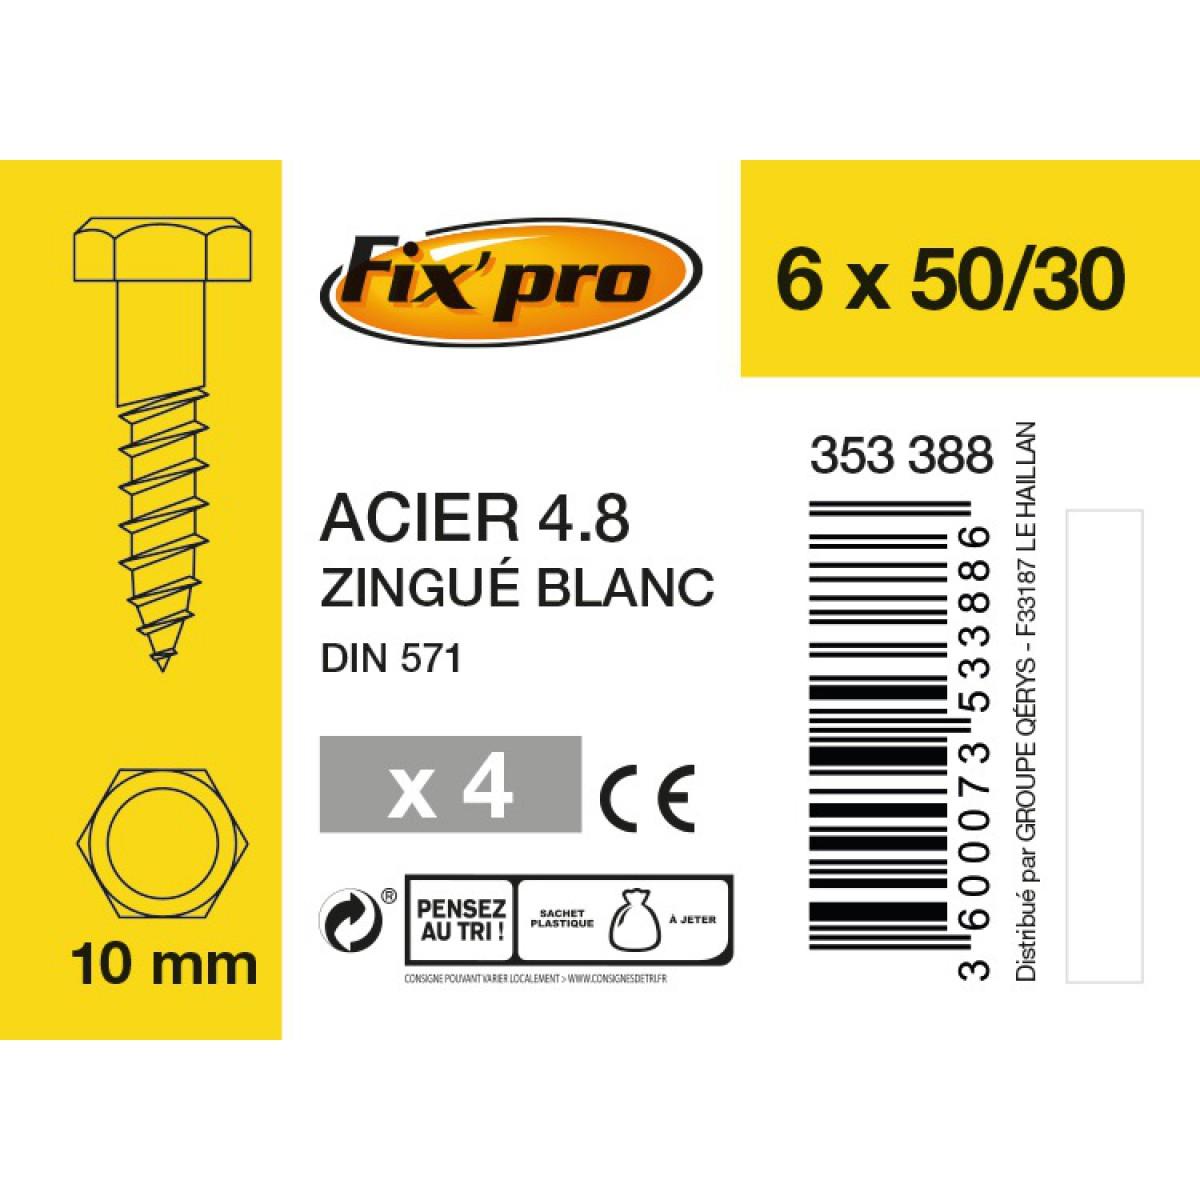 Tirefond tête hexagonale acier zingué - 6x50/30 - 4pces - Fixpro